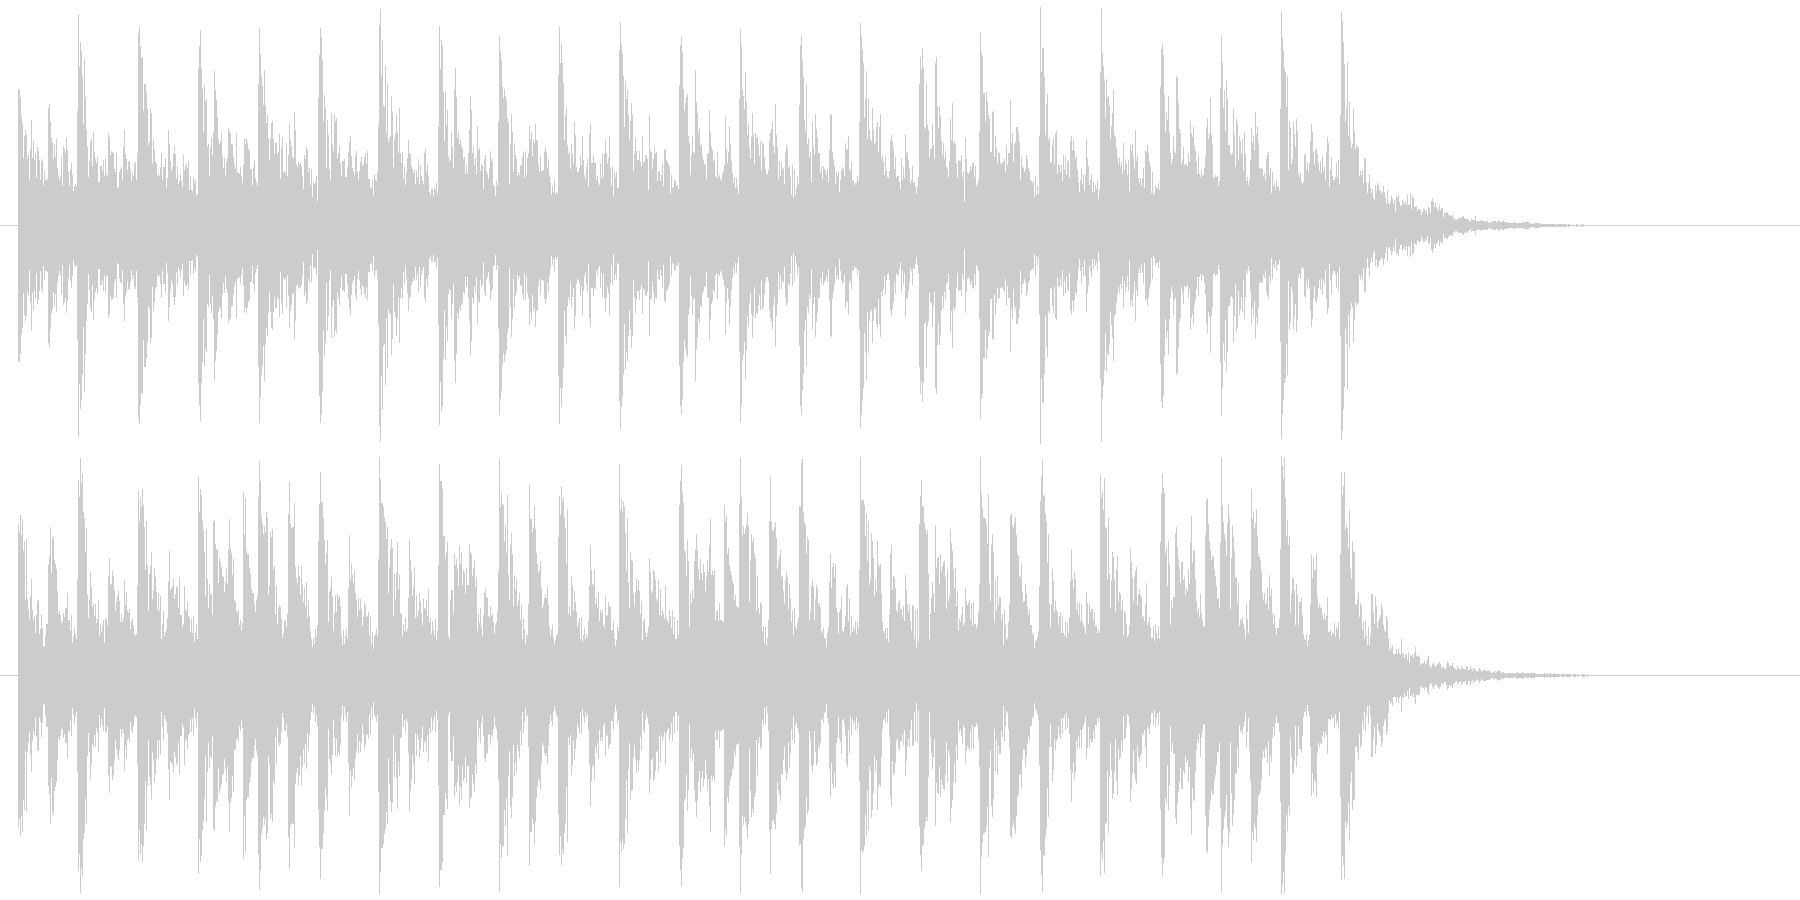 リズミカルで不思議なシンセビートジングルの未再生の波形